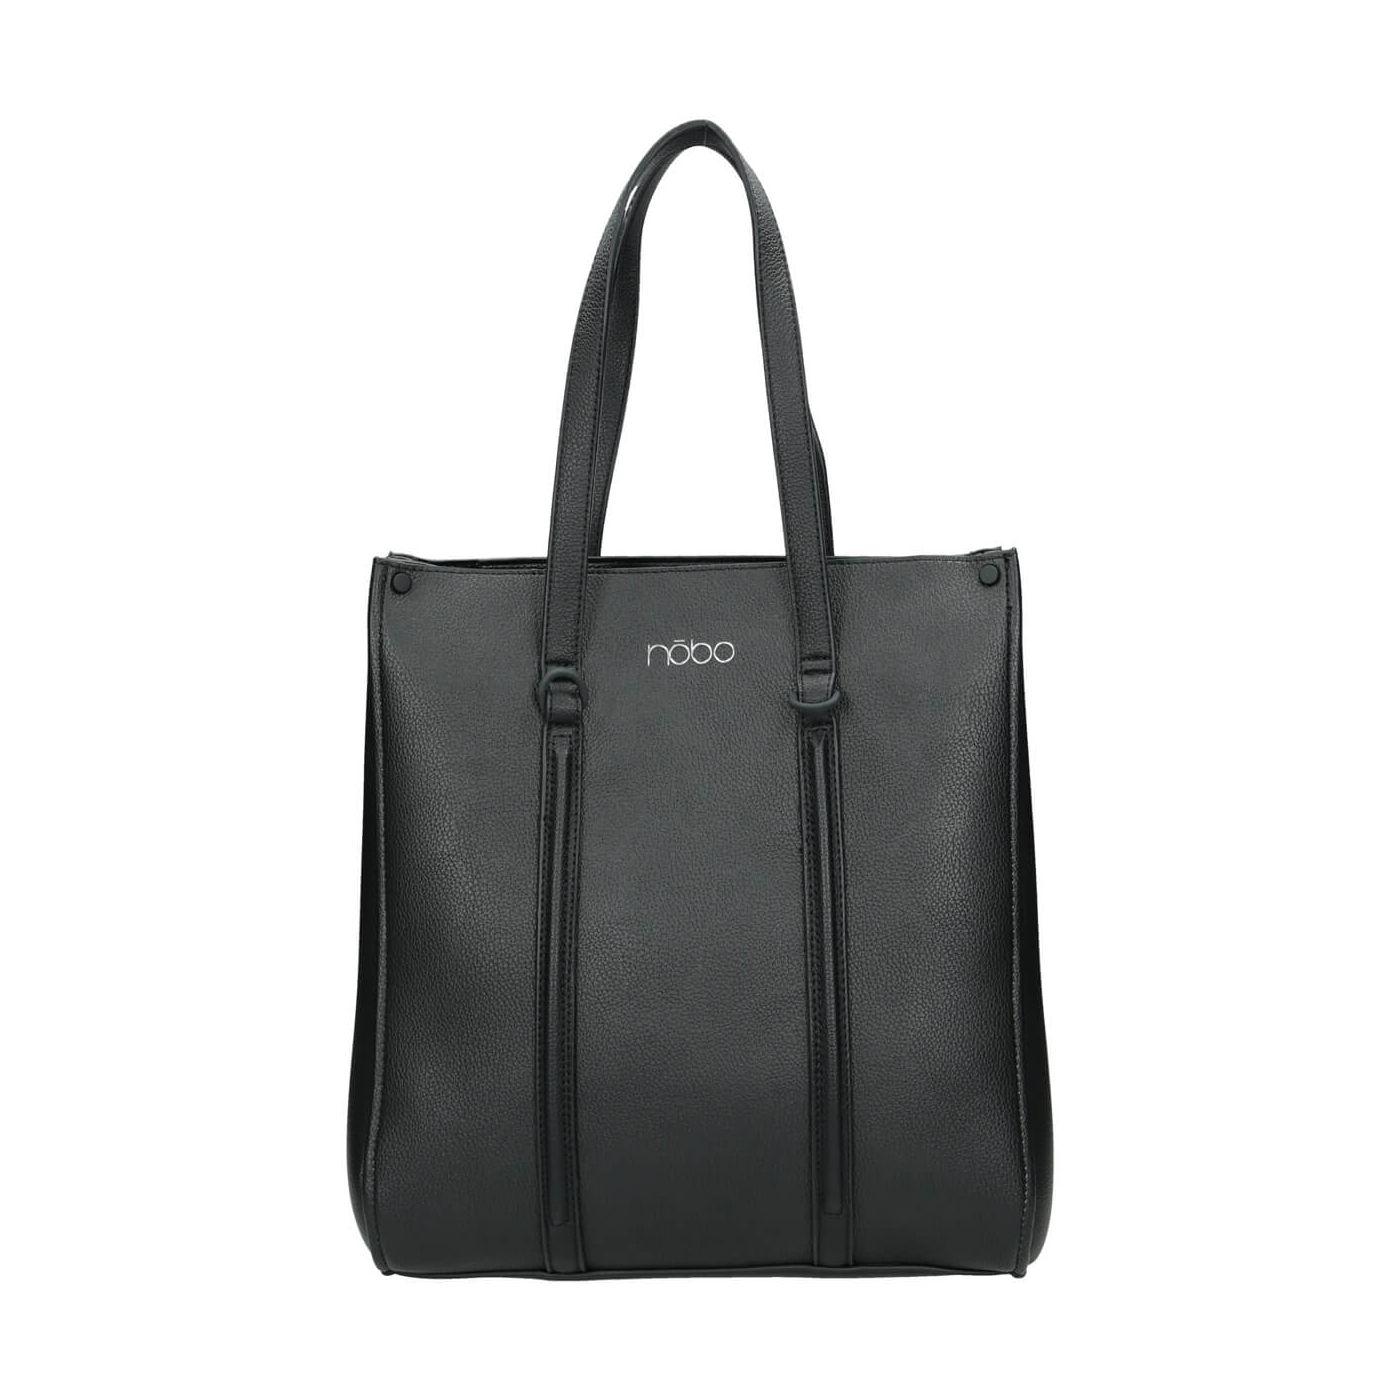 Nobo Woman's Bag NBAG-I0380-C020